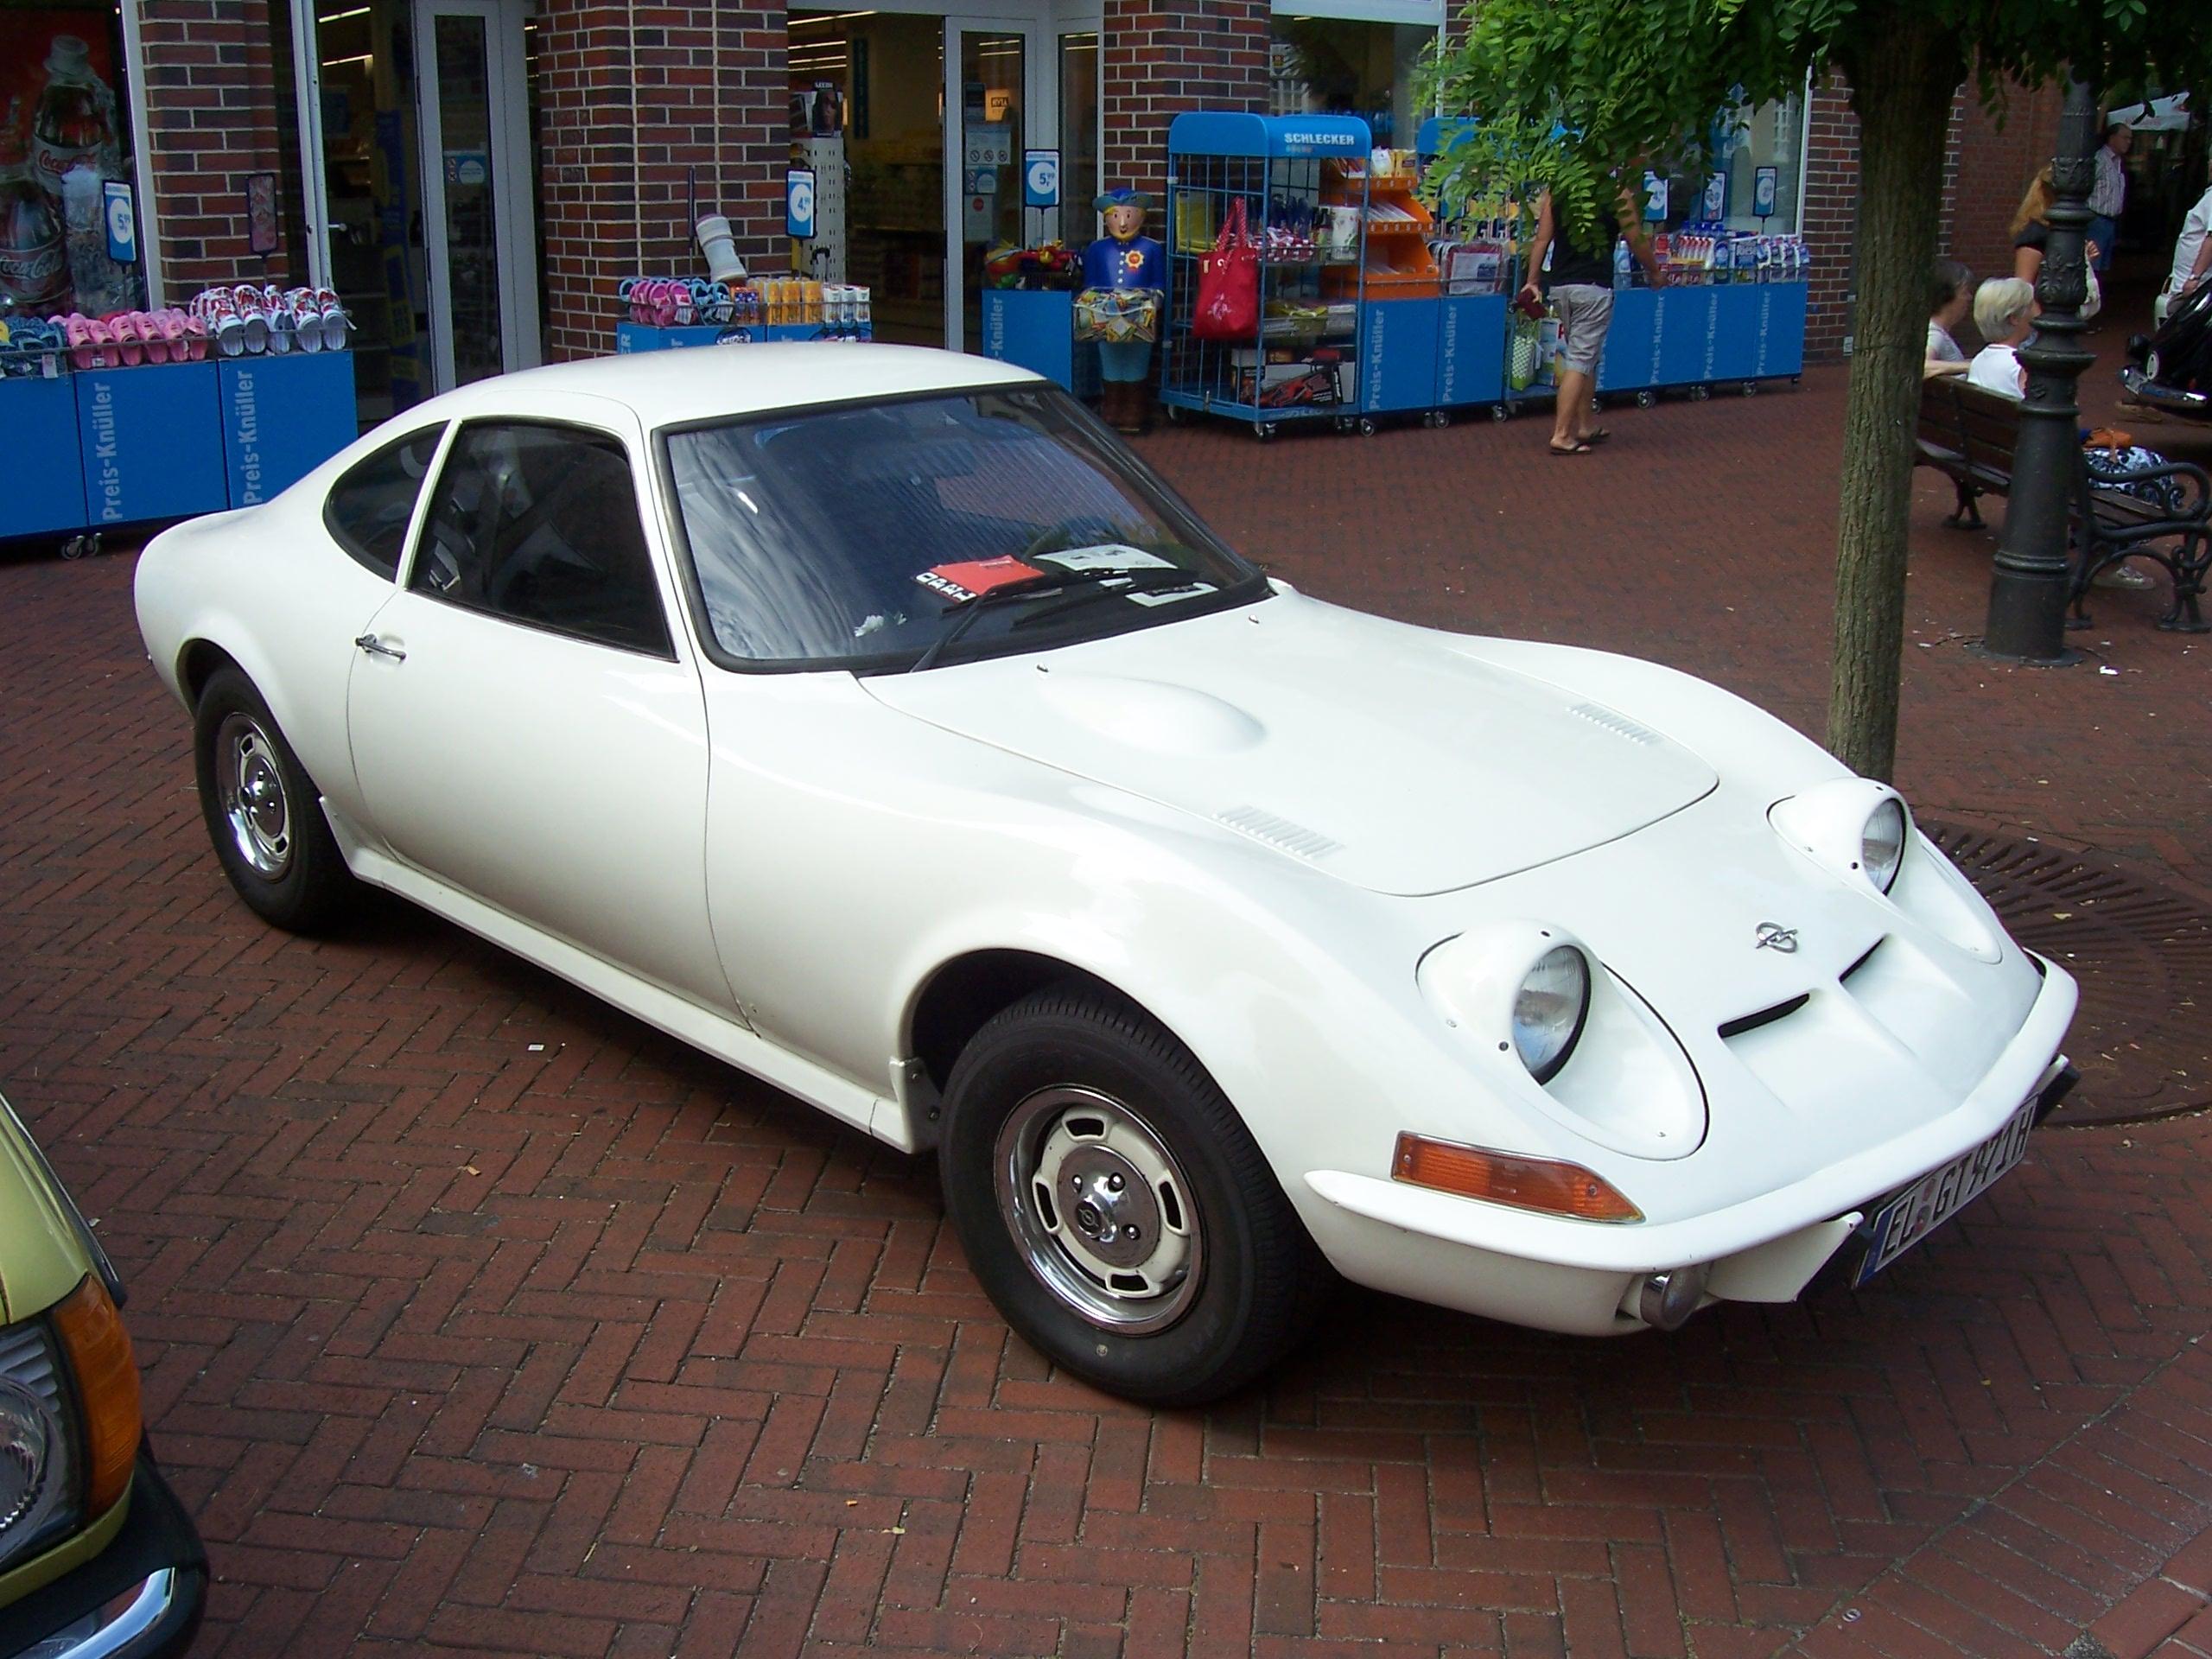 File:1971 Opel GT Haselünne 2000 KM durch Deutschland 12.07.2010 047